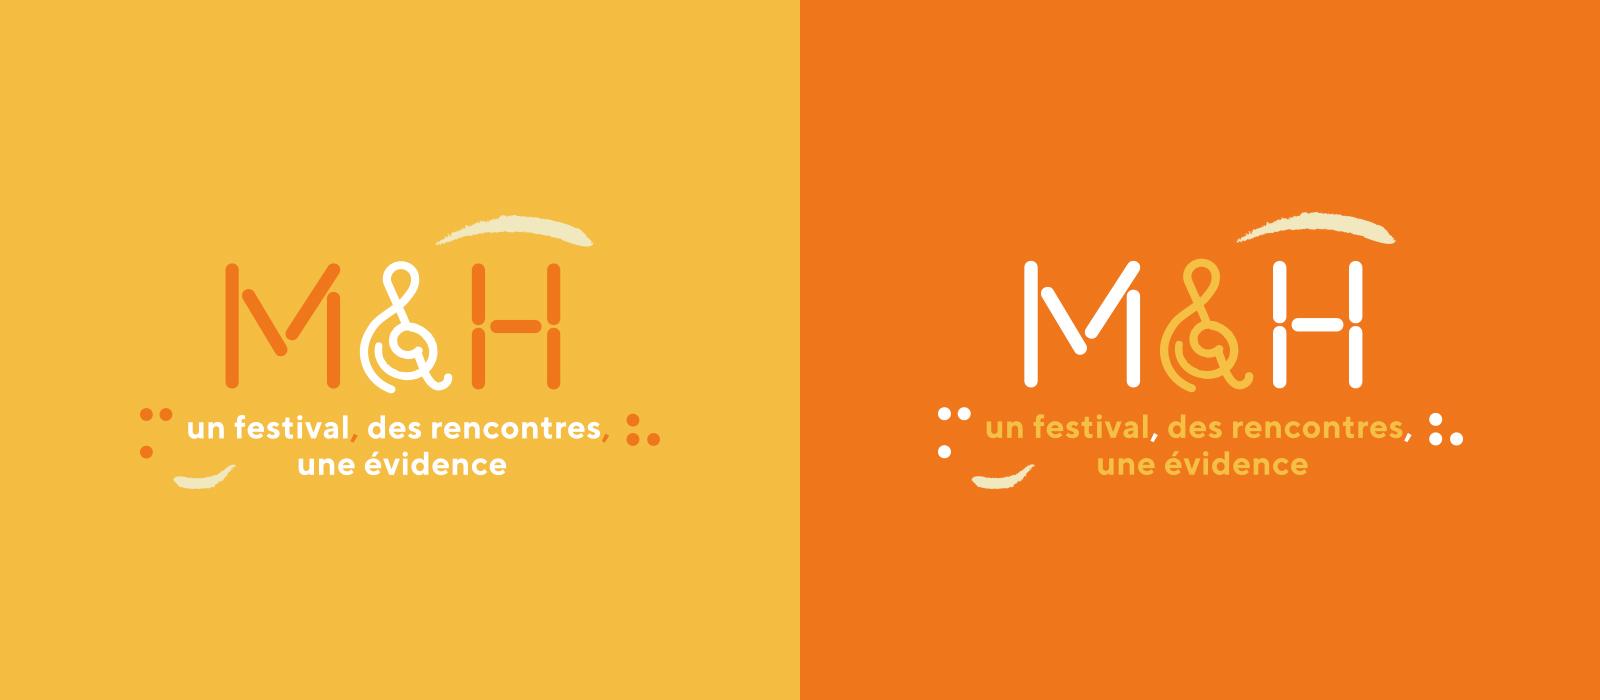 Logotype festival M&H - déclinaisons